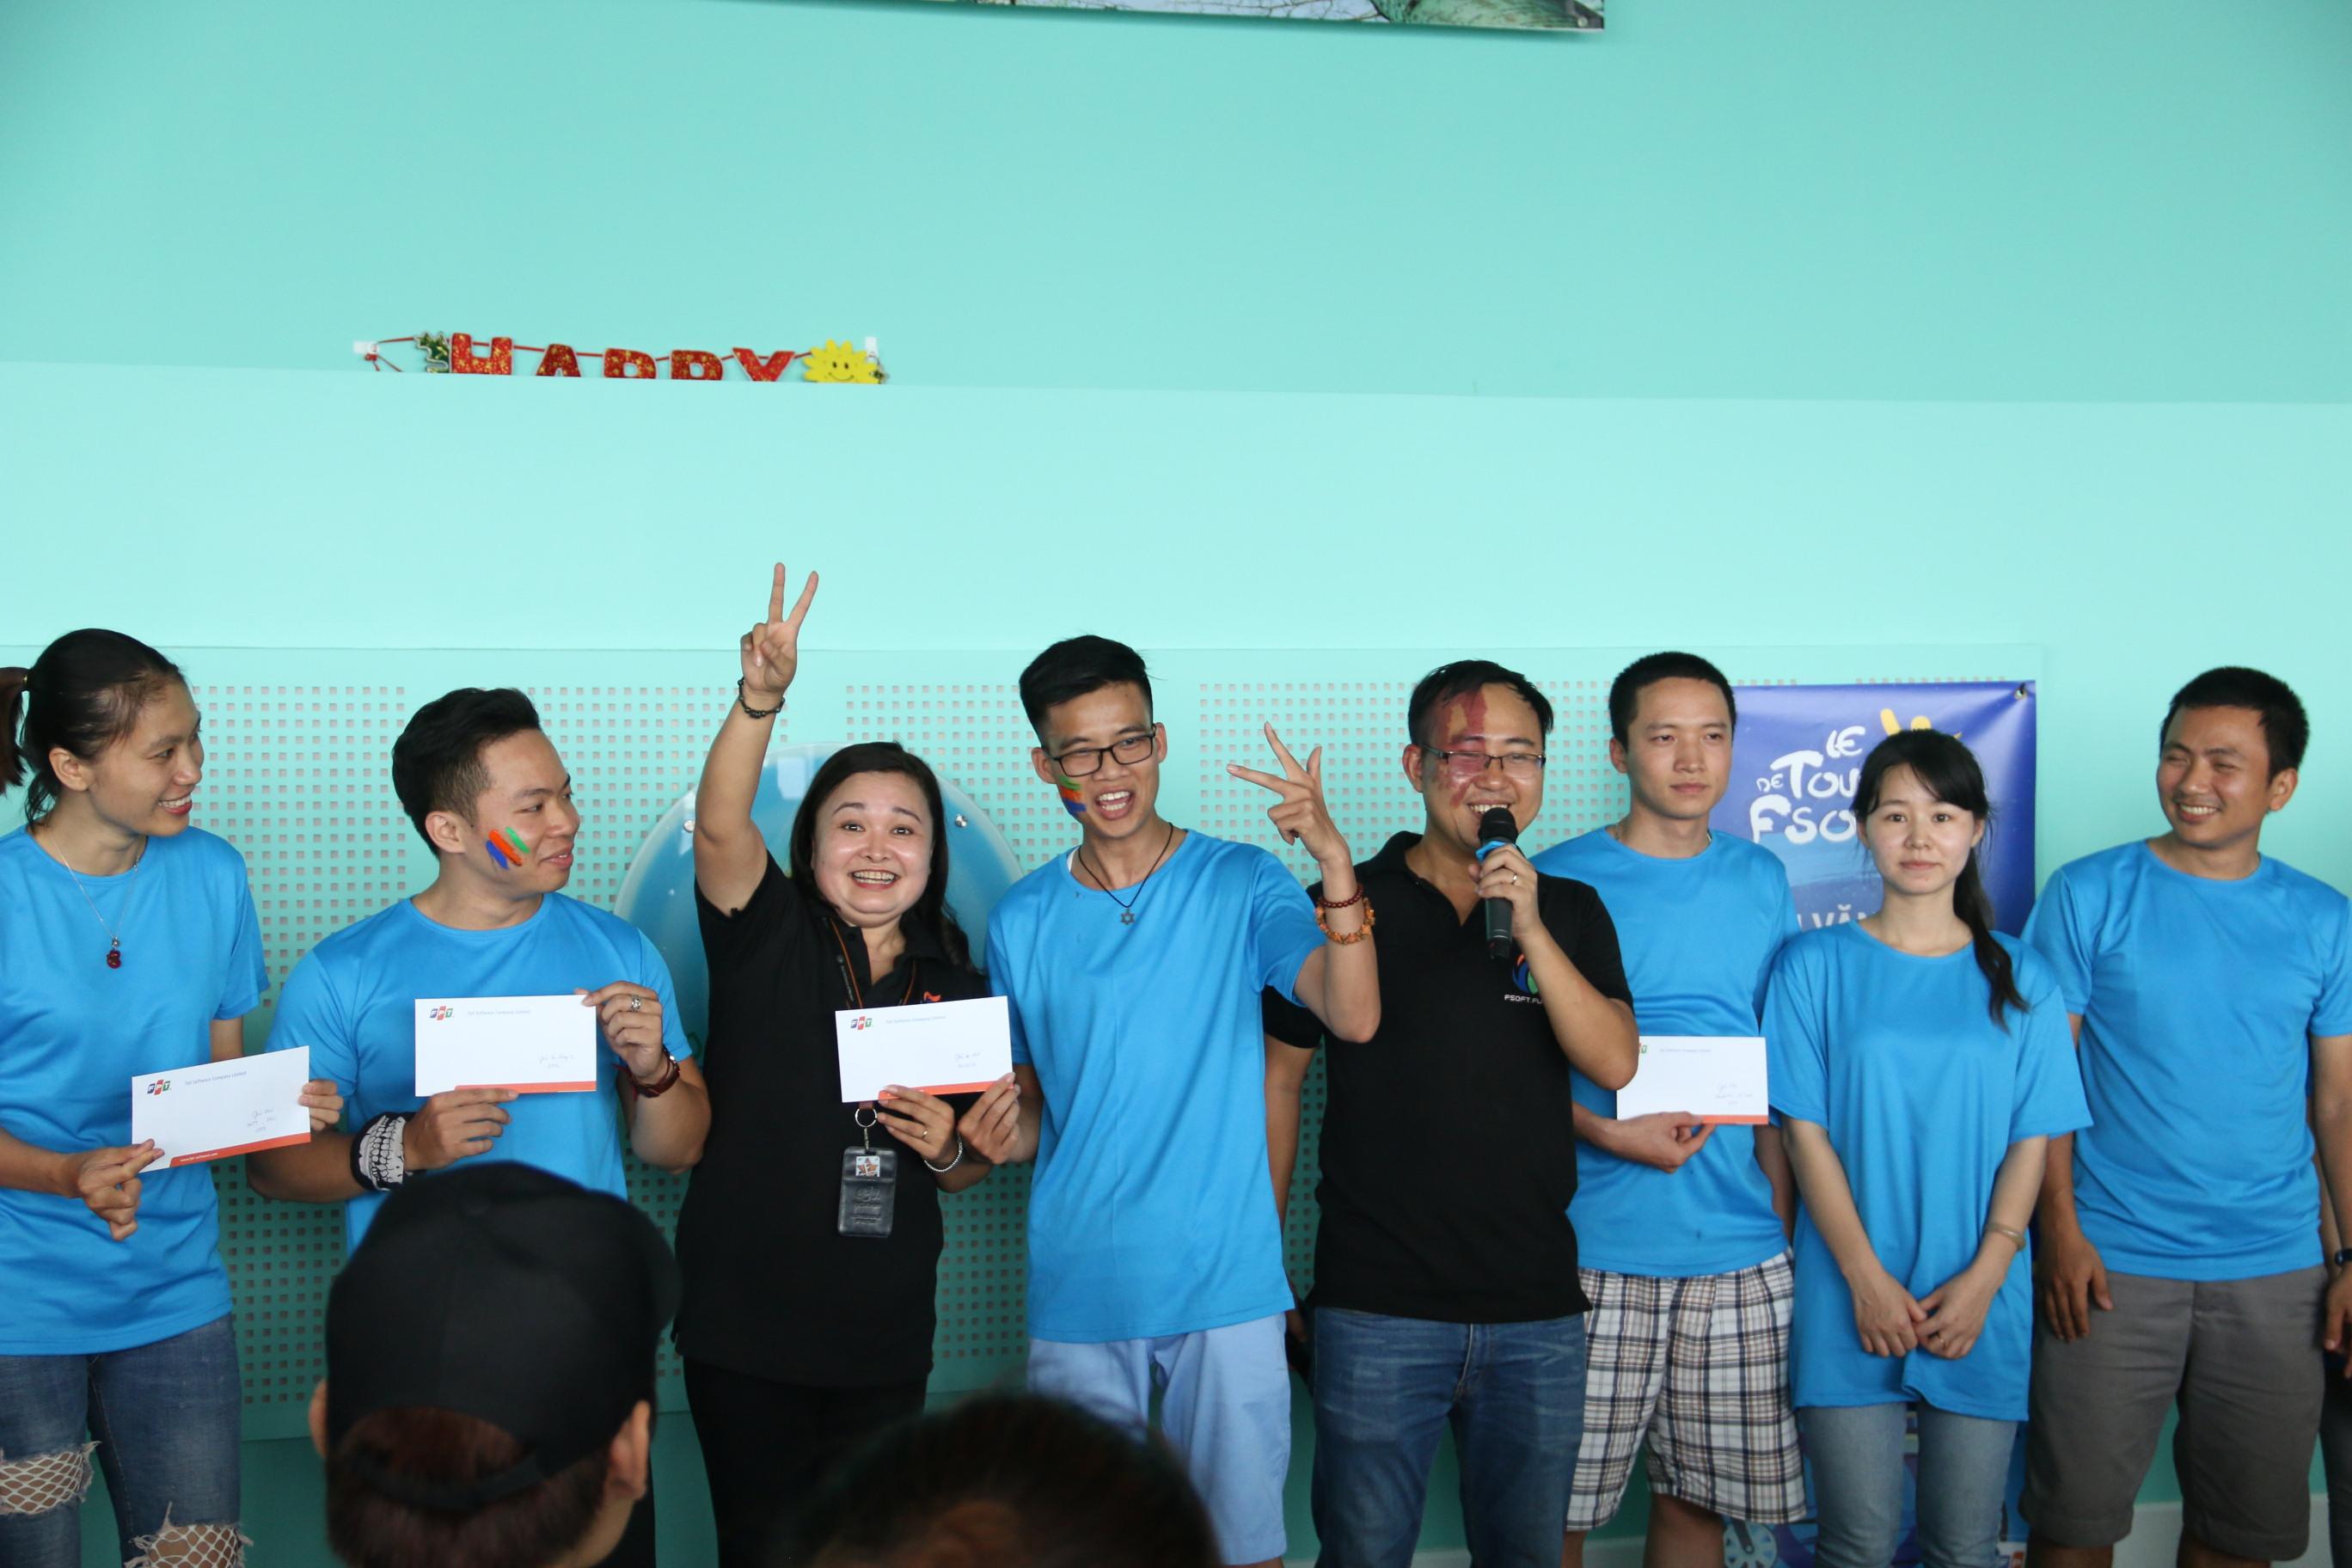 Giải áp chót (vận động viên về gần cuối) thuộc về cặp đôi Nguyễn Văn Hải (FSU1.GNC) và bạn đua.